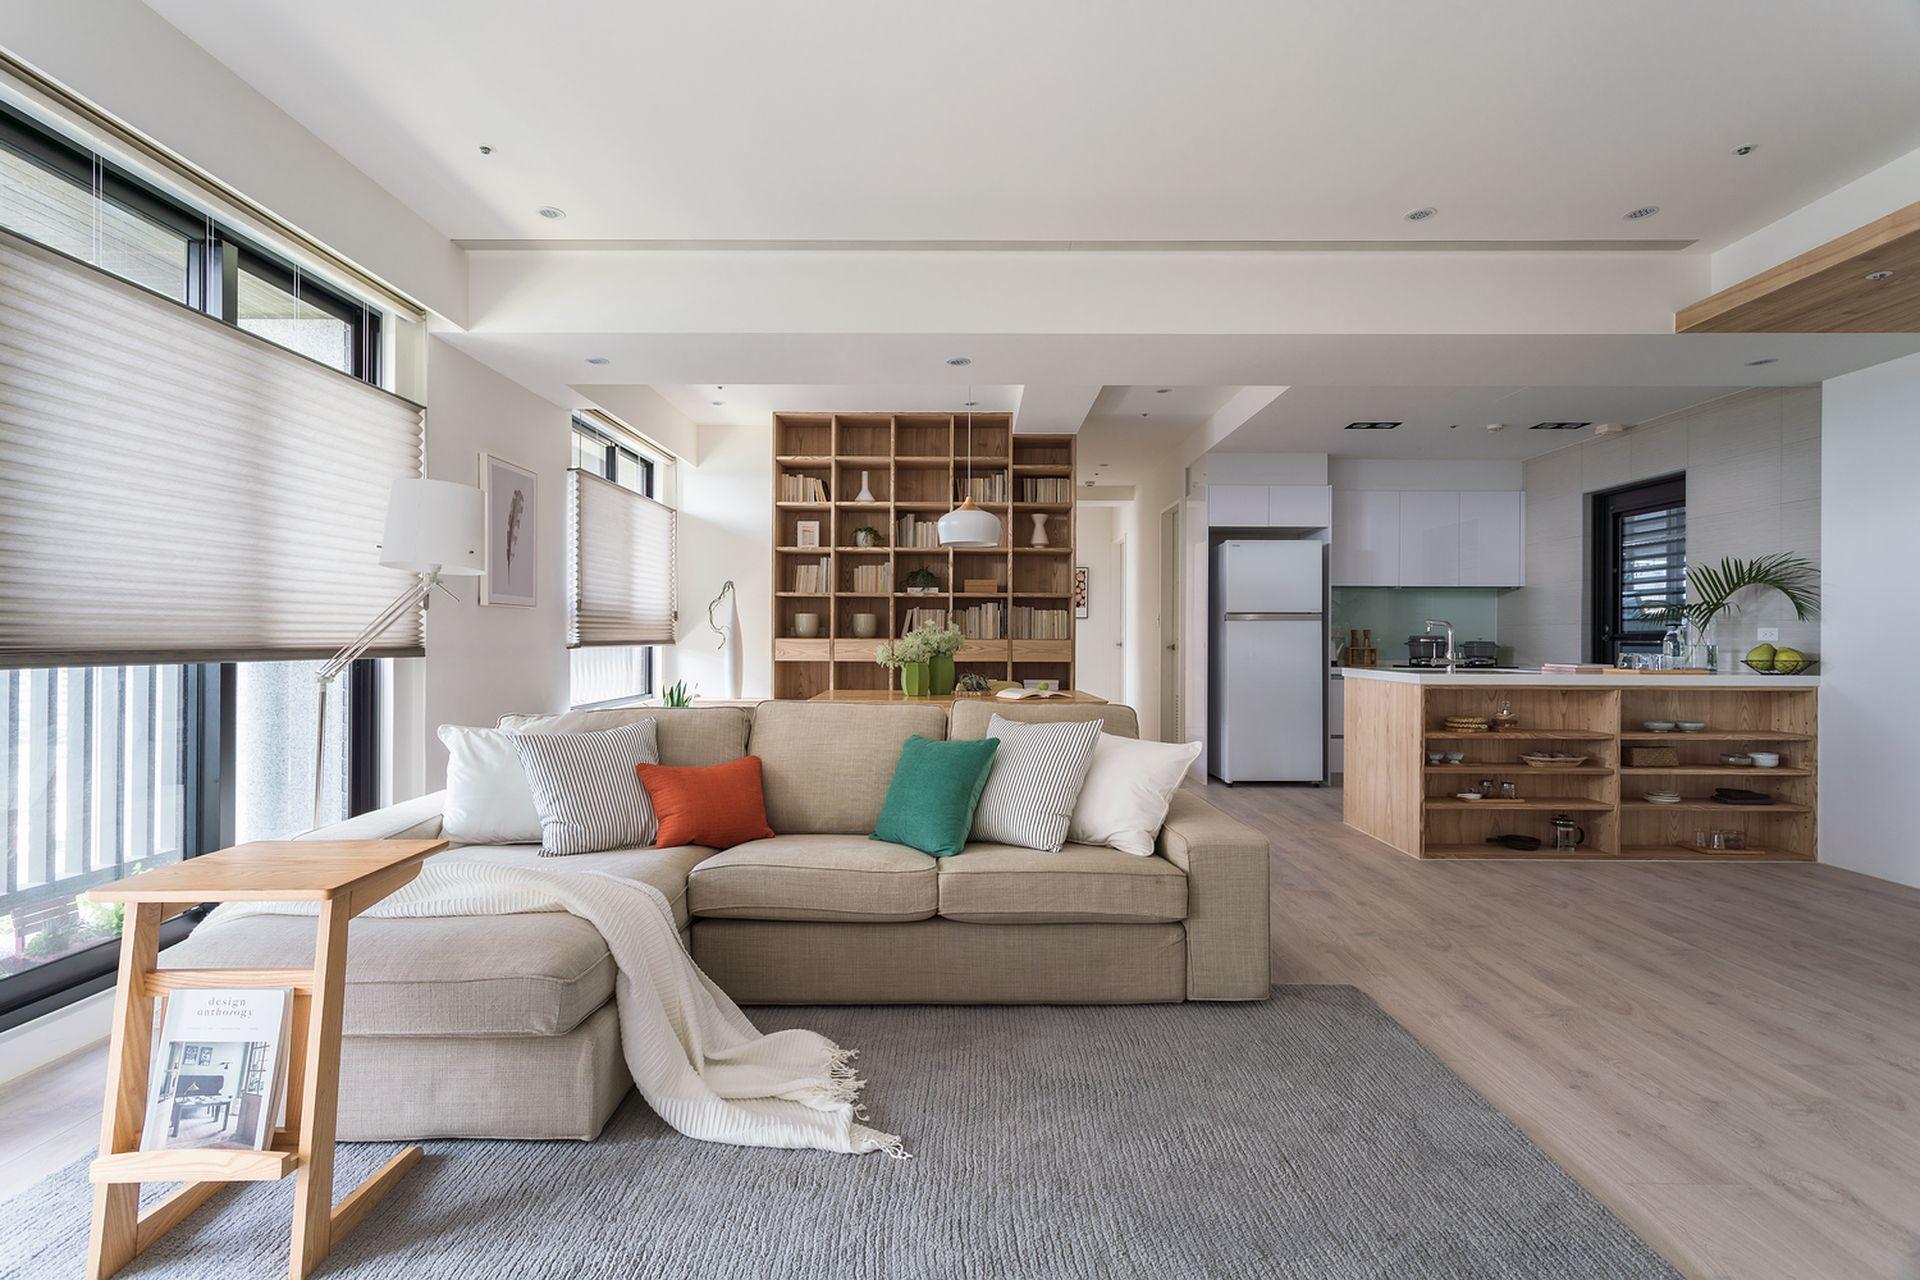 溢木質溫度幸福宅-舒適自在的生活